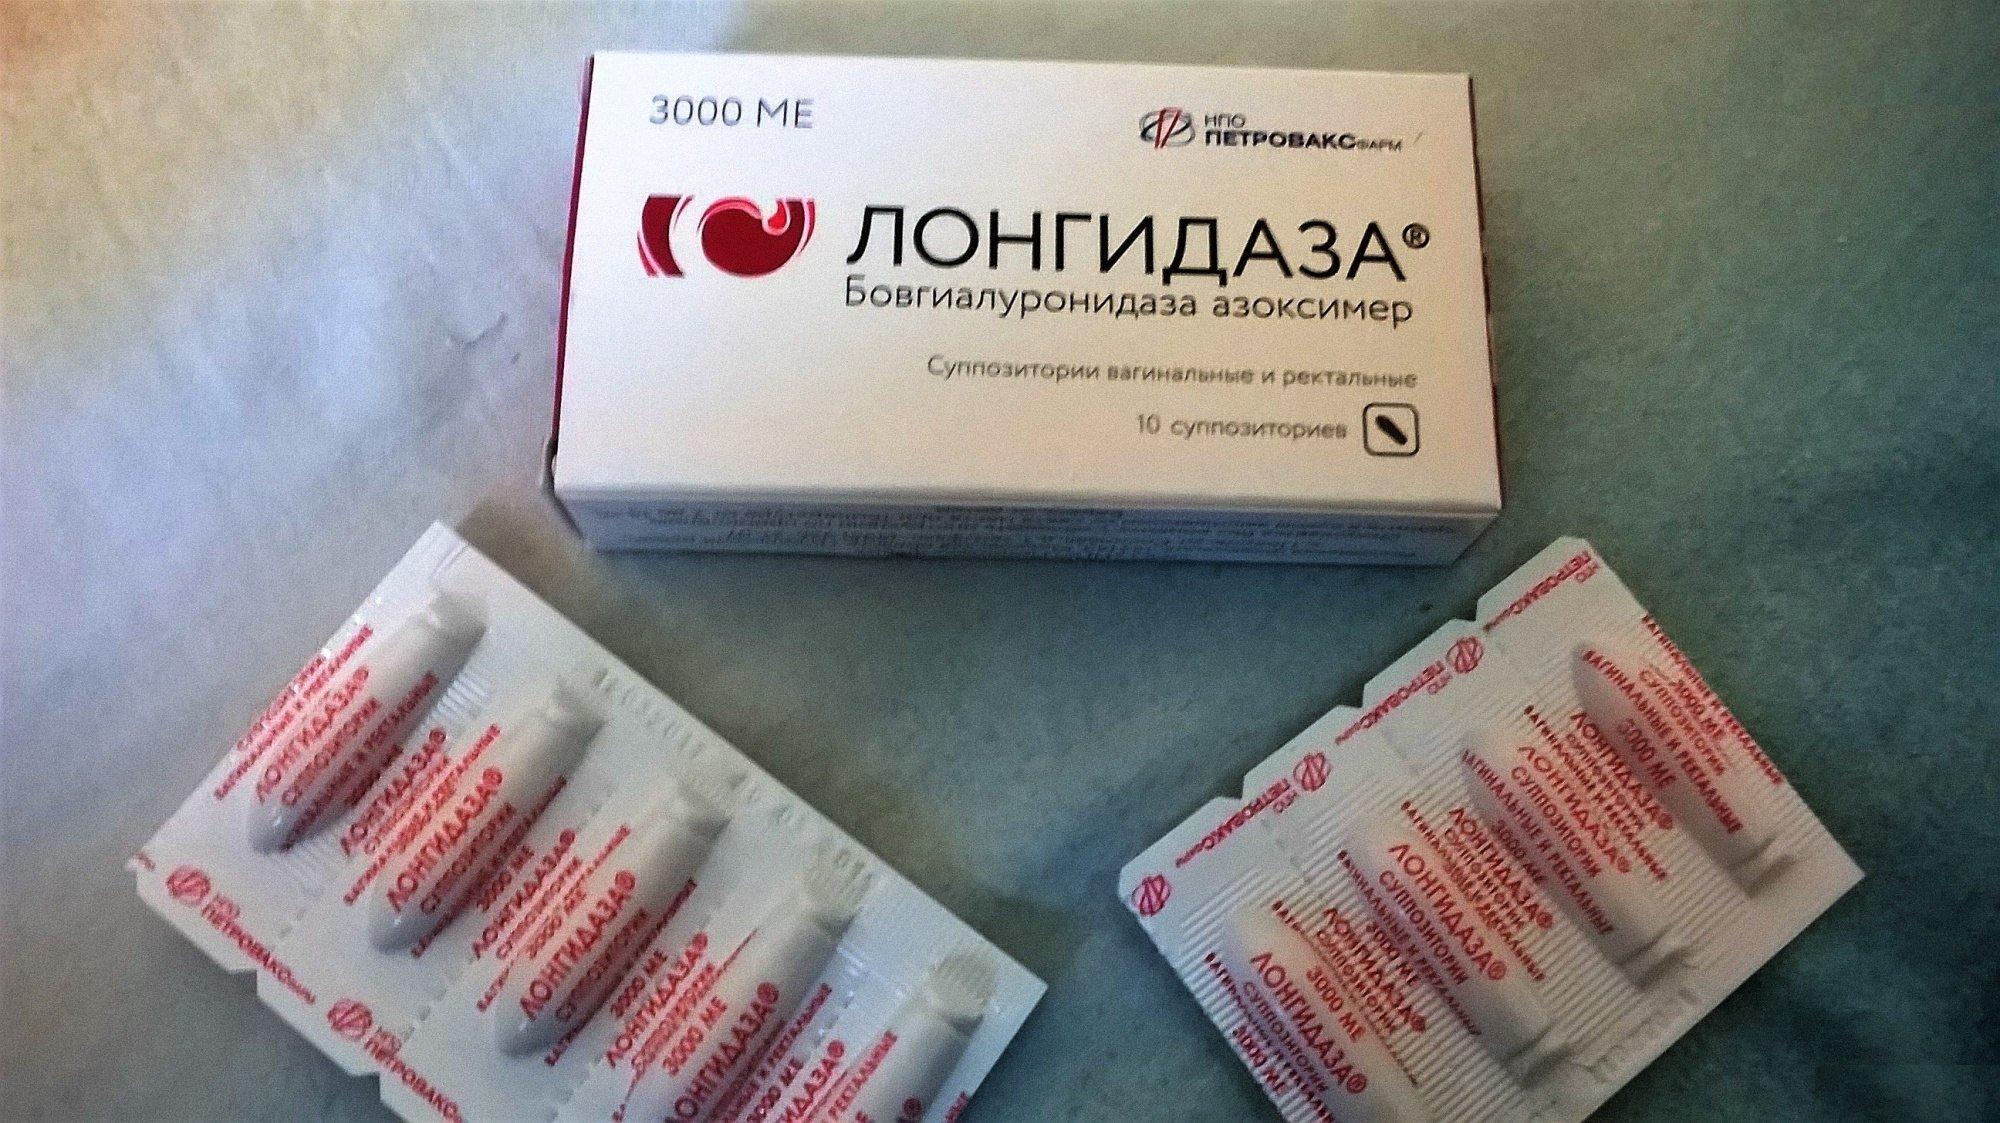 Отзывы врачей и пациентов о применении препарата Лонгидаза